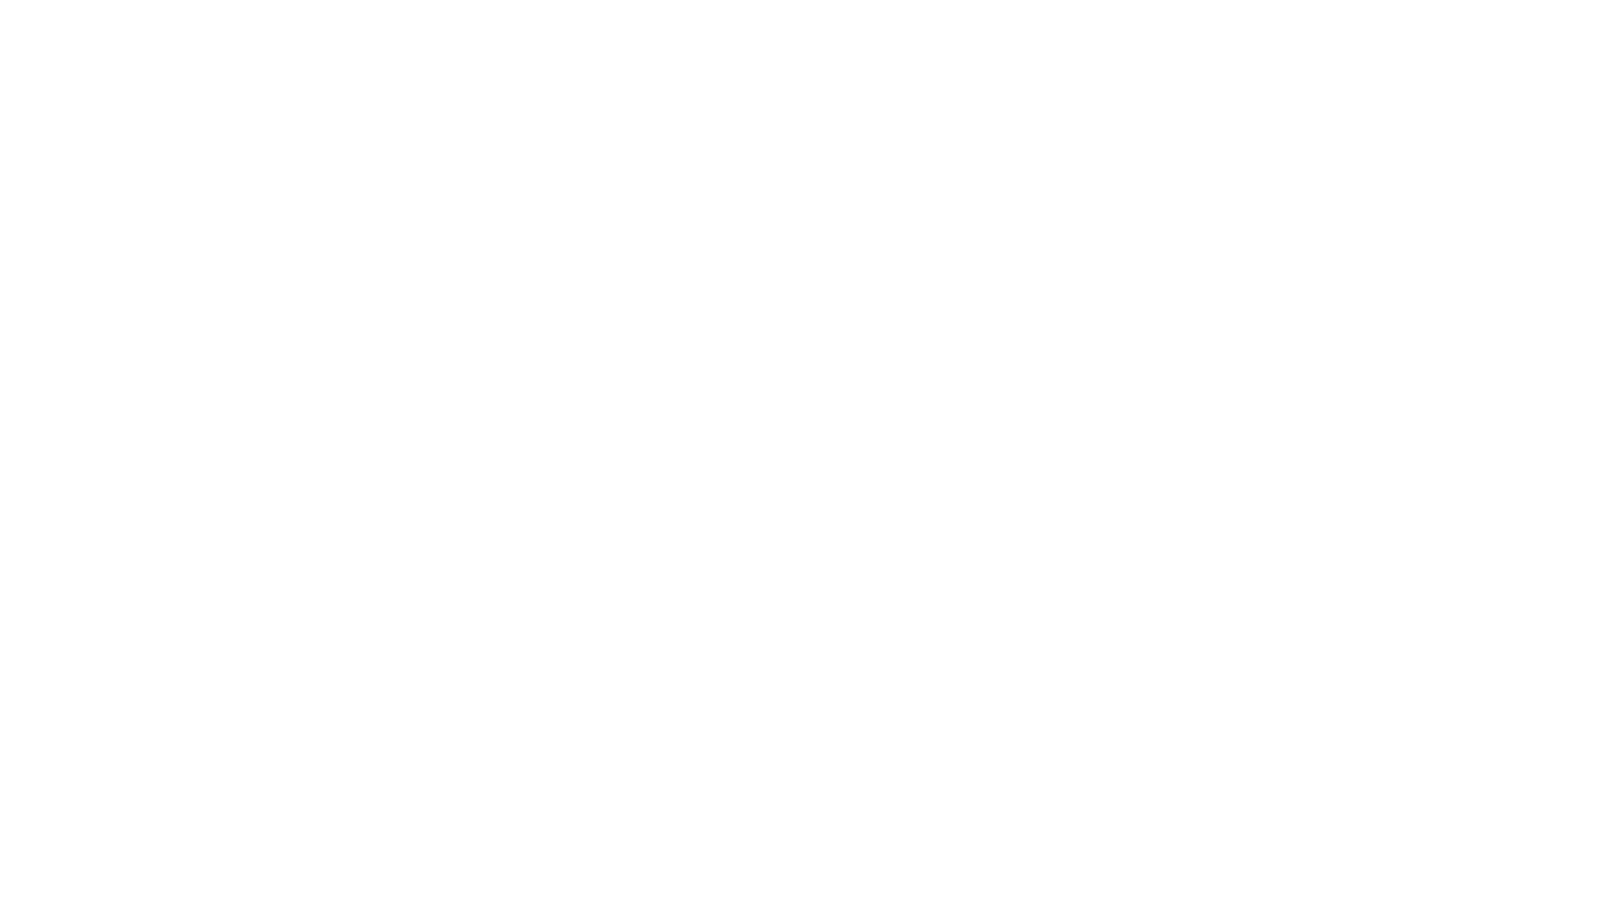 Tours & Holidays packages in ENGLISH & ESPAÑOL  Scenes and atmospheres like this happens on our Tour Packages in Scotland, this is coming back to live are you going to miss it? Book with our Quality company 🏴🎻💜  From 2 persons, in the dates you want, in private and English or Español: https://www.scotlandtrips.international/en/work%3F/  Escenas y atmósferas cómo está suceden en nuestros maravillosos Tour Packages en Escocia y esto regresa a la vida, te lo vas a perder? Reserva con nuestra empresa de calidad 🏴🎻💜  Desde dos personas, en las fechas que quieras, en Privado y Español o English: https://www.scotlandtrips.international/reservas/  Info (Multi-Language Website):  https://www.scotlandtrips.international/en/tours-in-scotland  Questions E-mail: info@scotlandtrips.international  --- #vacaciones #holidays #circuitosdevacaciones #Toursporeuropa #viajesporeuropa #actualidad #Toursdeoutlander #viajesporelmundo #ofertas #news #harrypotter #Escocia #Scotland #toursinscotland #Edimburgo #receptivosenescocia #agenciasdeviajes #travel #toursporescocia #tours #touroperadores #viajaraescocia #visitscotland #viajes #touroperatorsinscotland #viajesporescocia #vacations #hogmanay #navidades #christmas